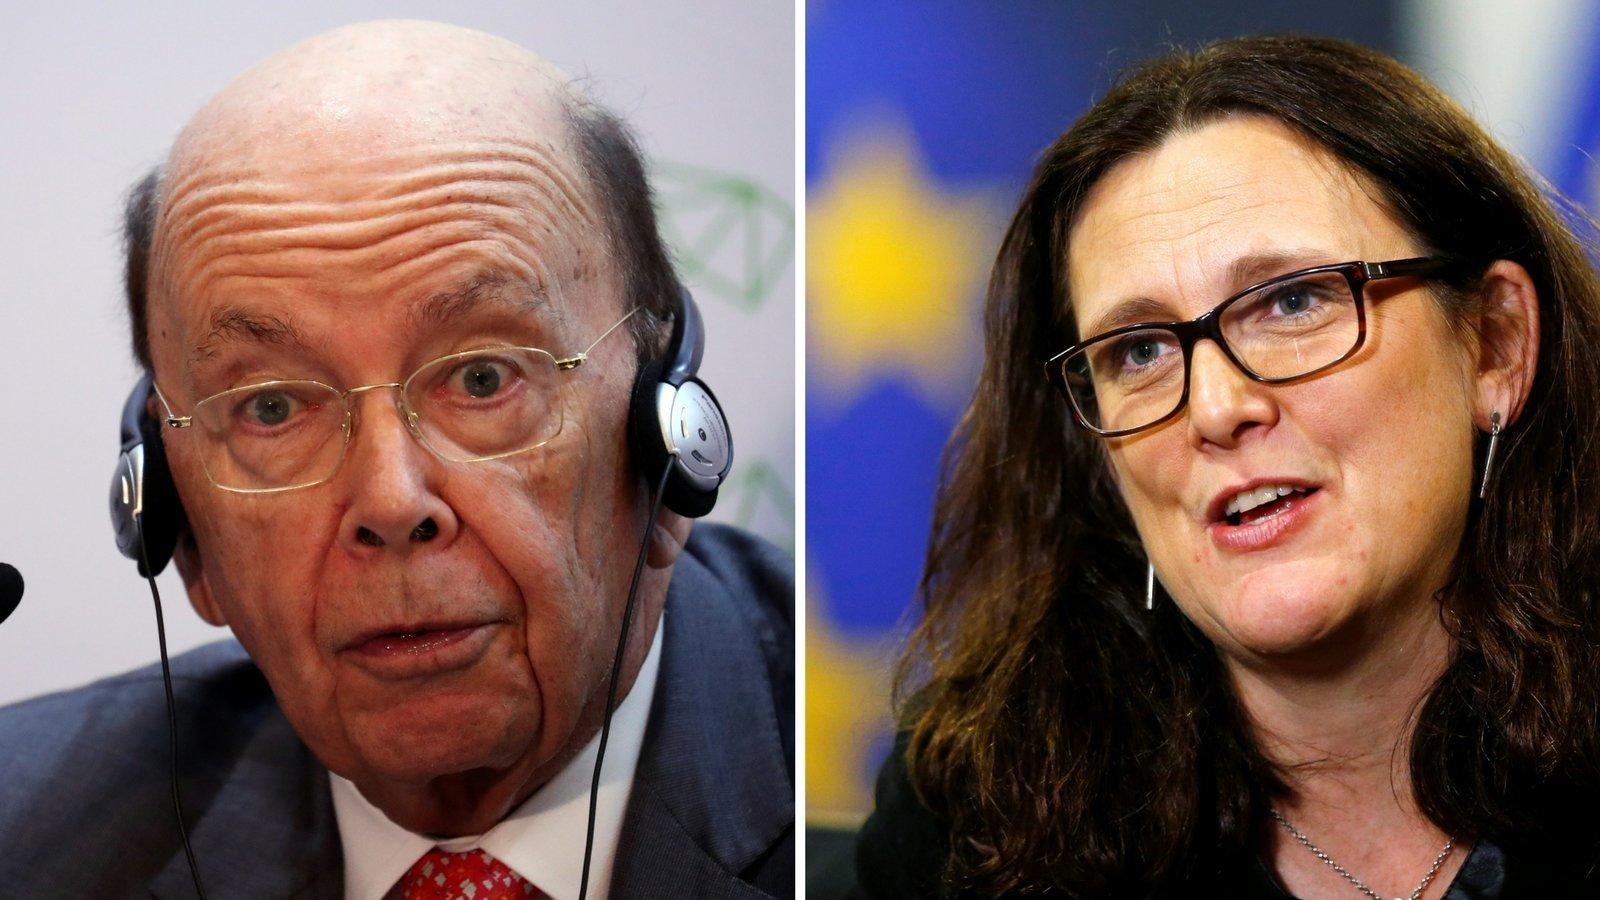 Diese wenig bekannten Politiker verhandeln über Europas Zukunft als